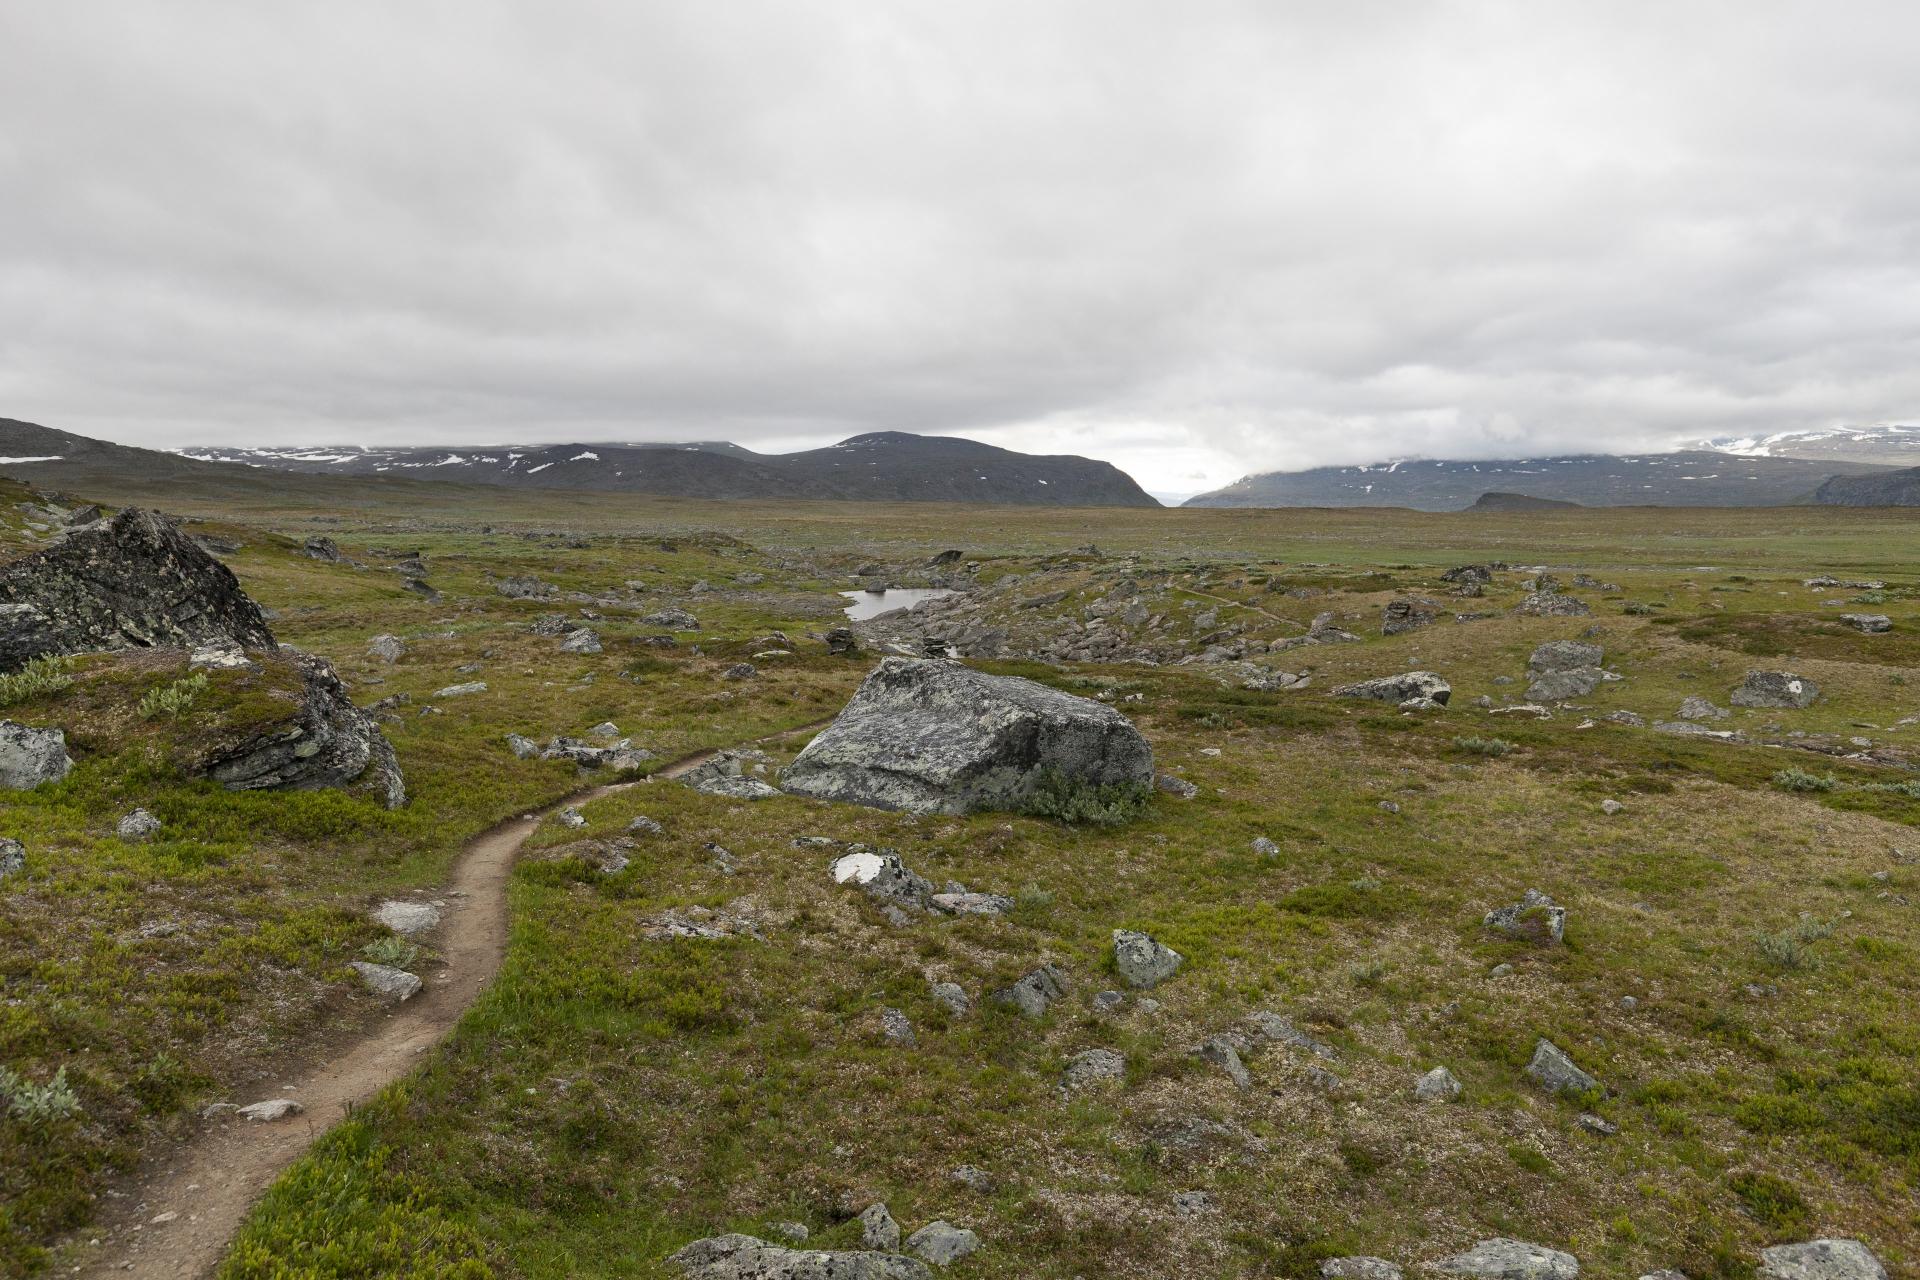 Der Weg nach Vakkotavare führt über eine Hochebene im Stora Sjöfallets Nationalpark